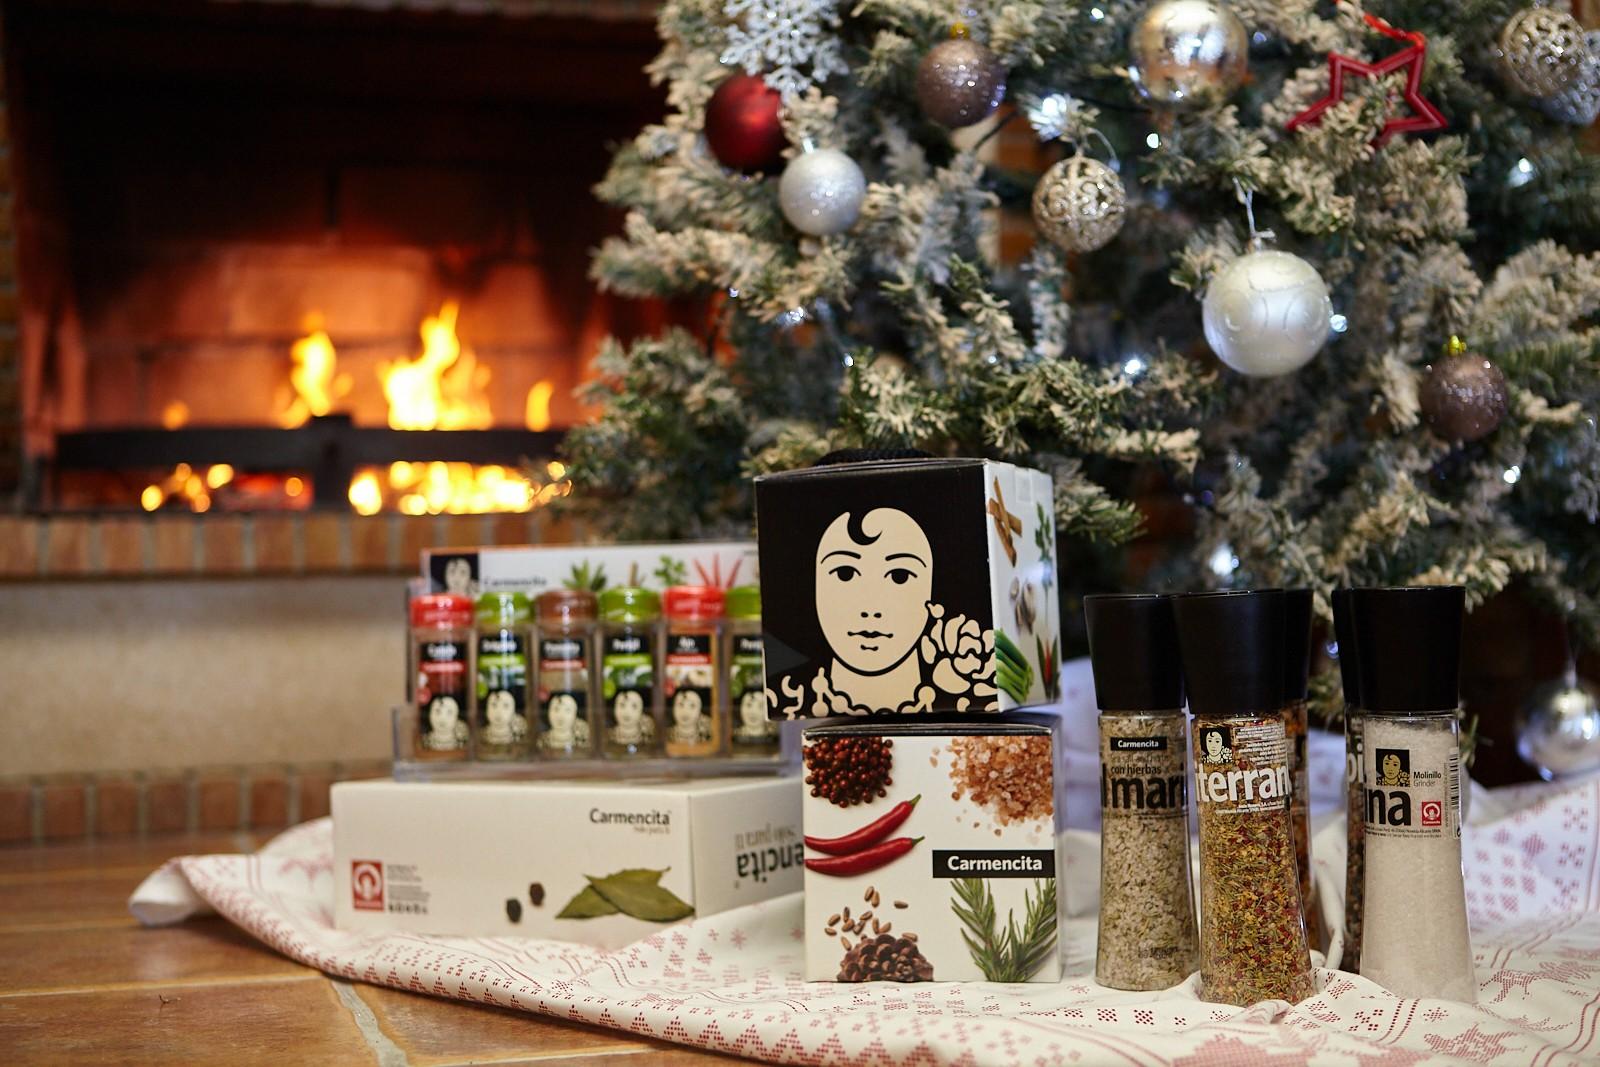 Carmencita te acompaña en los momentos más especiales: la Navidad